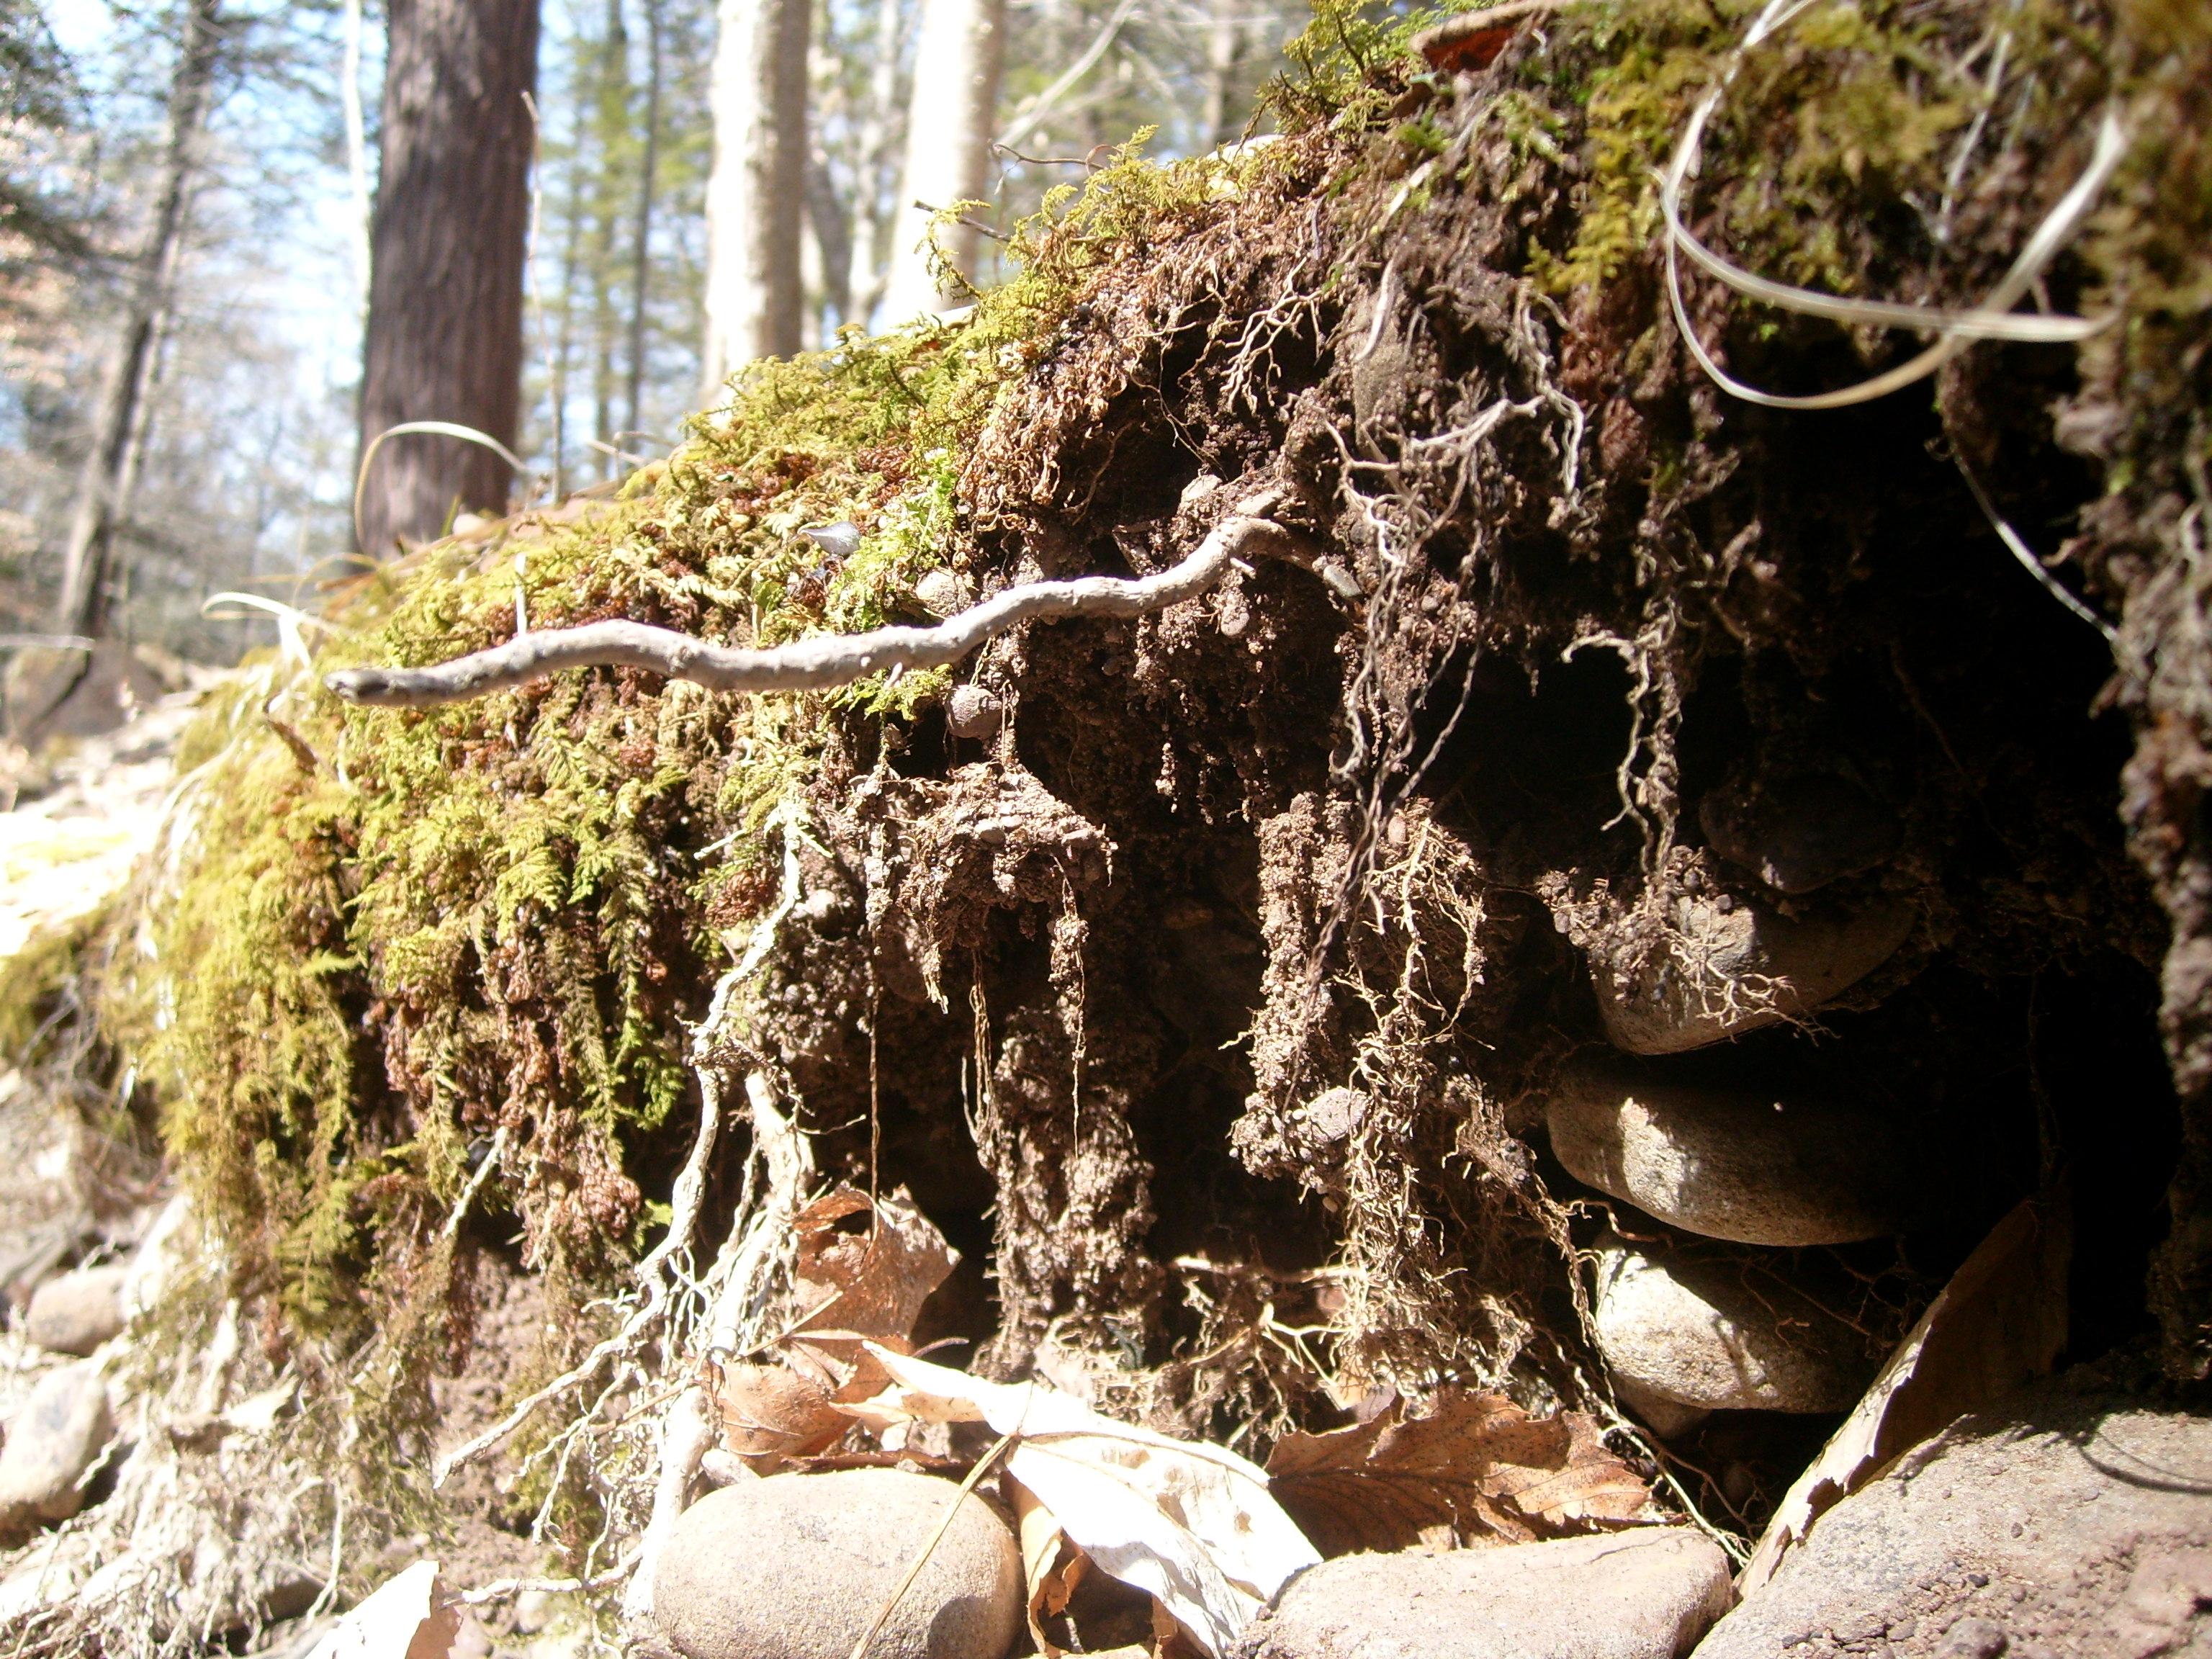 Goblins Under Tree Stumps #1